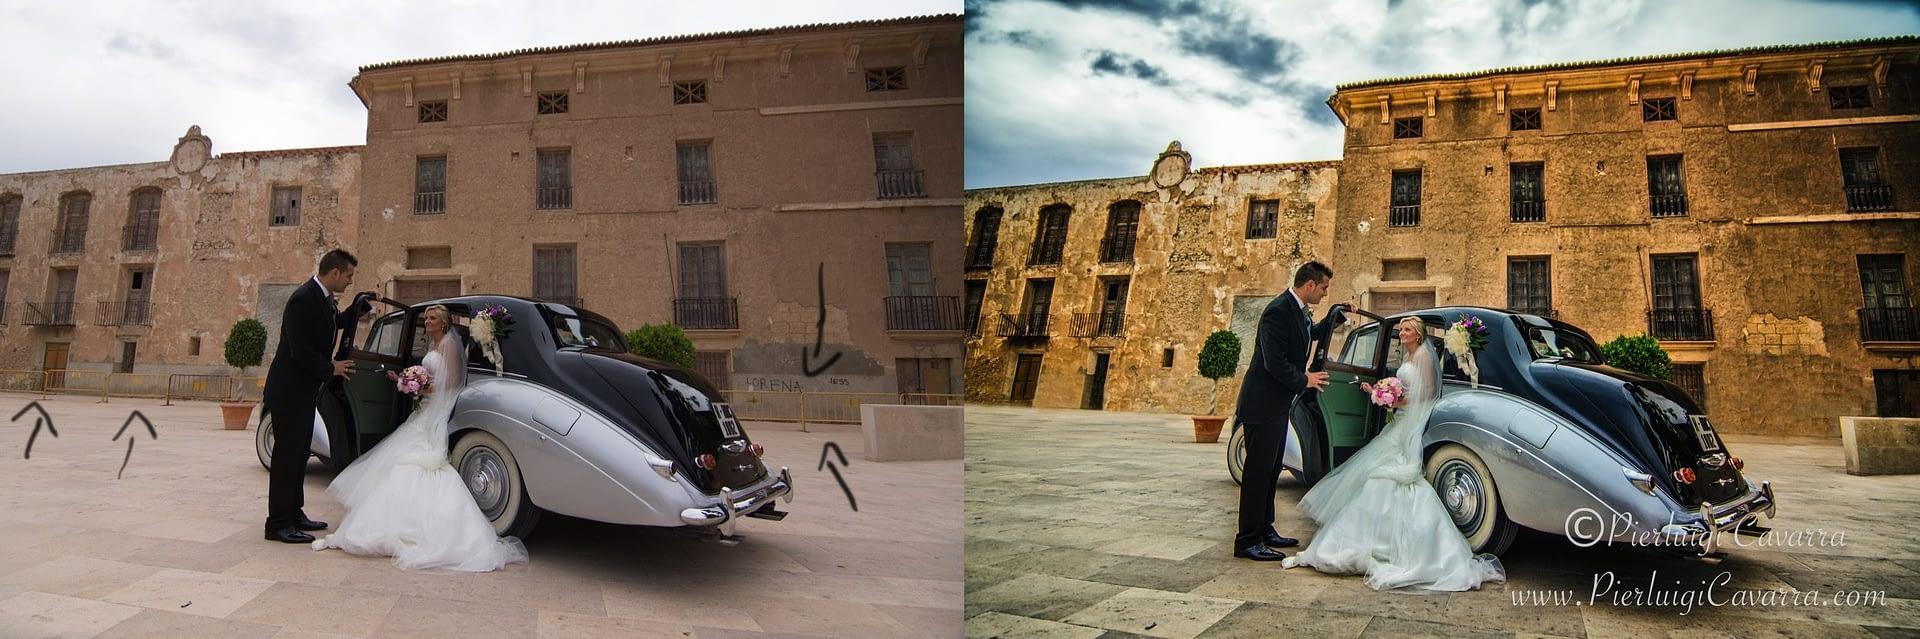 Pierluigi Cavarra - retocador fotografico - retouch before and after